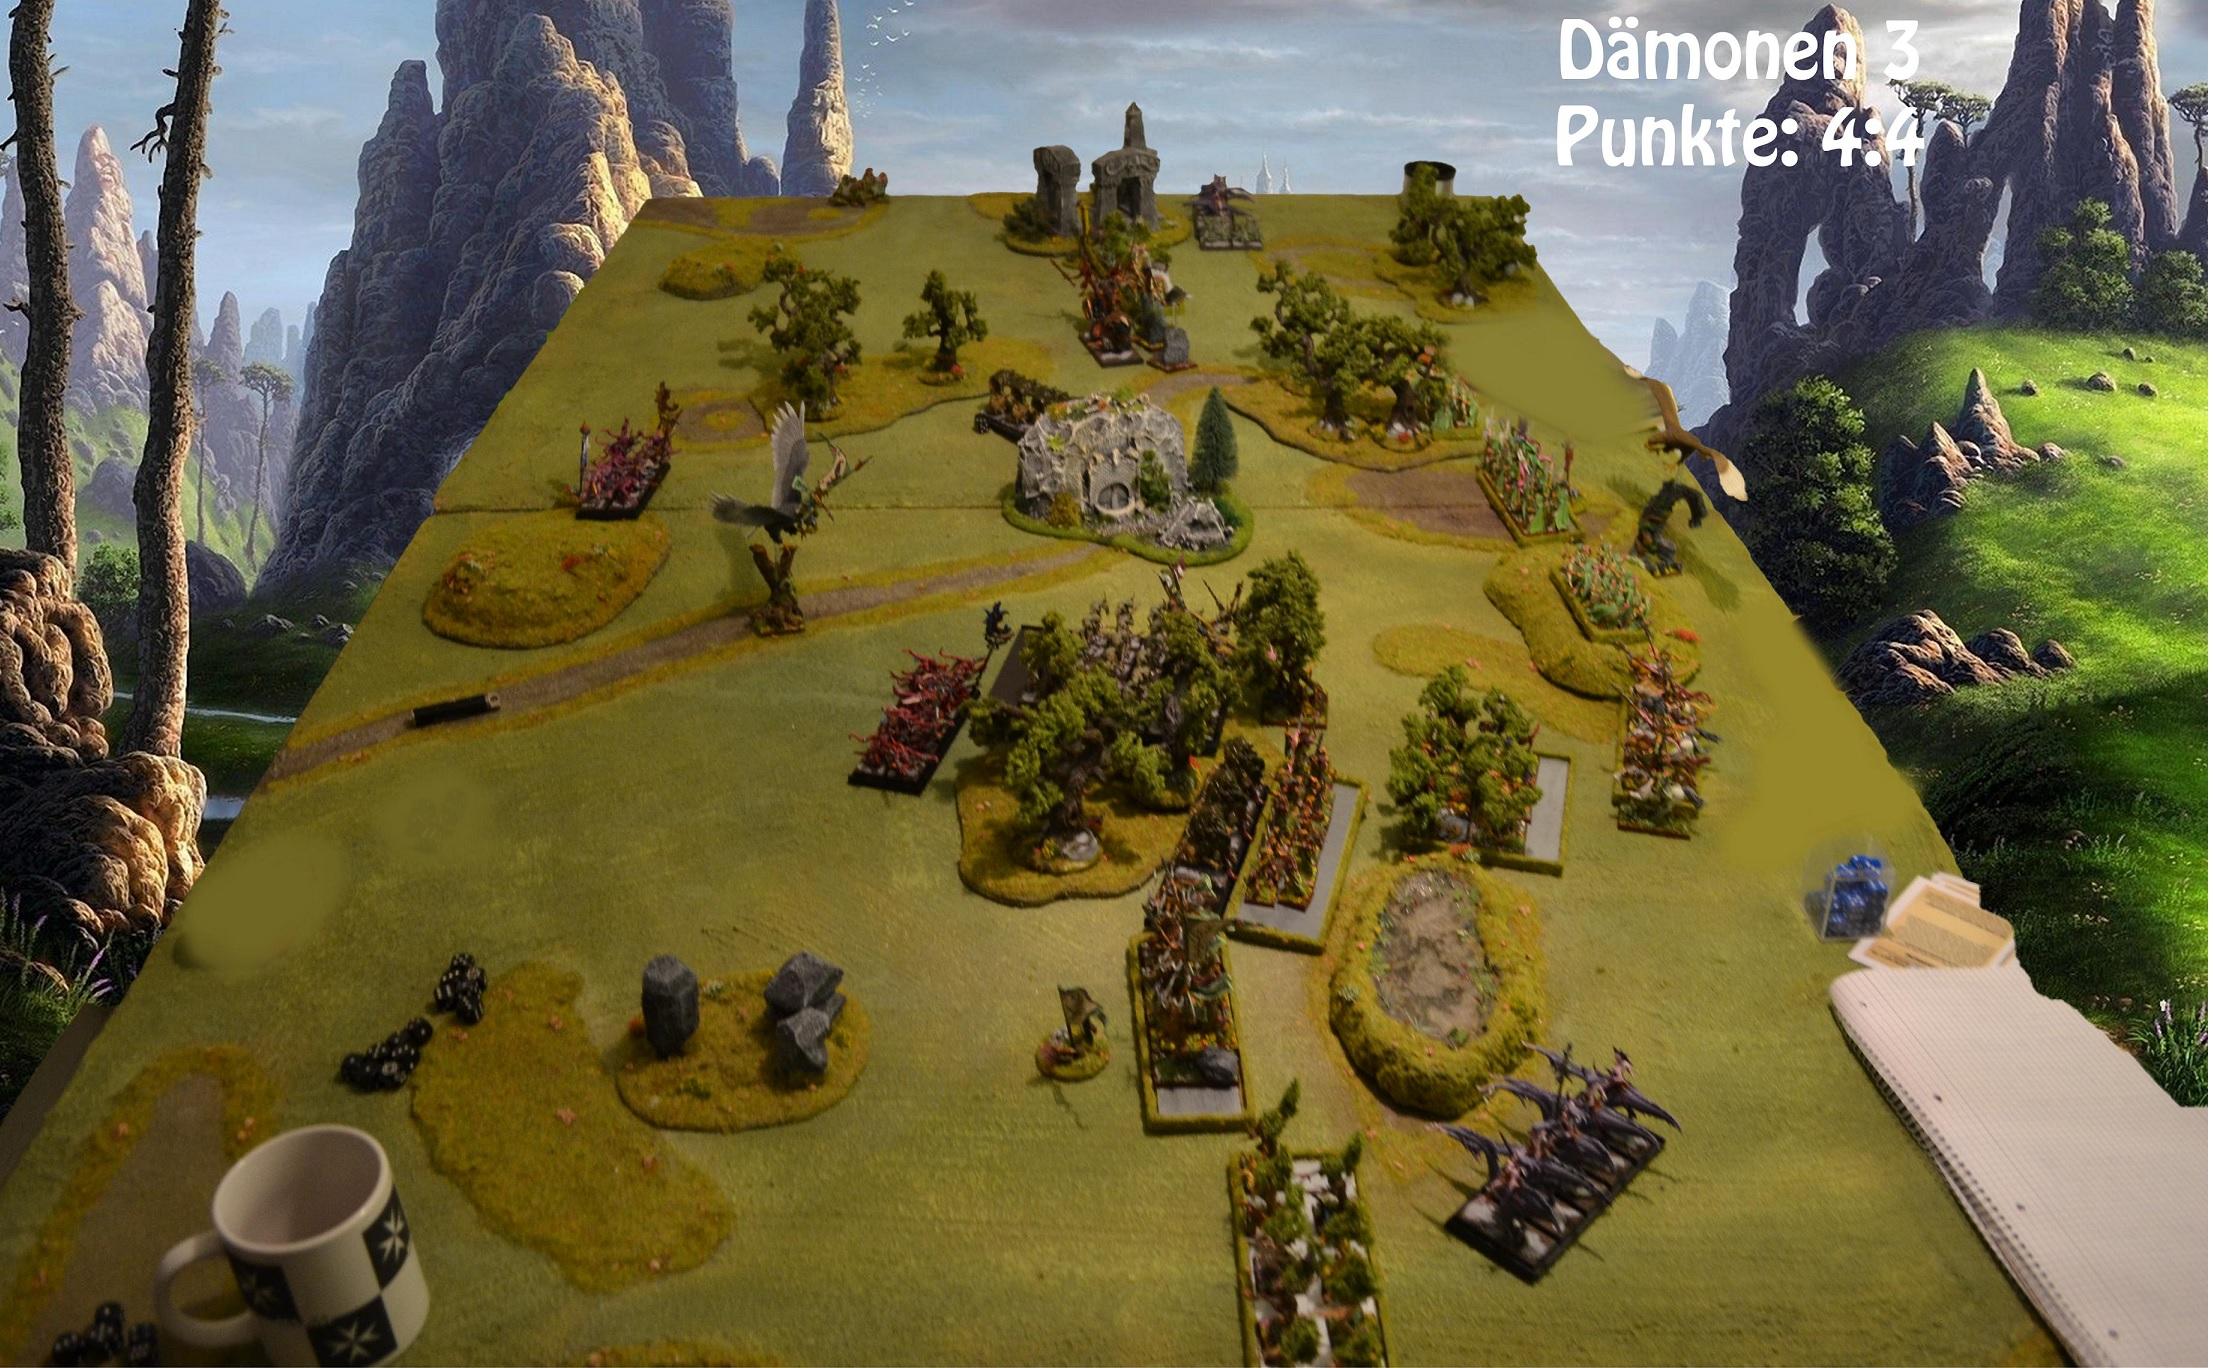 Dmonen3.jpg